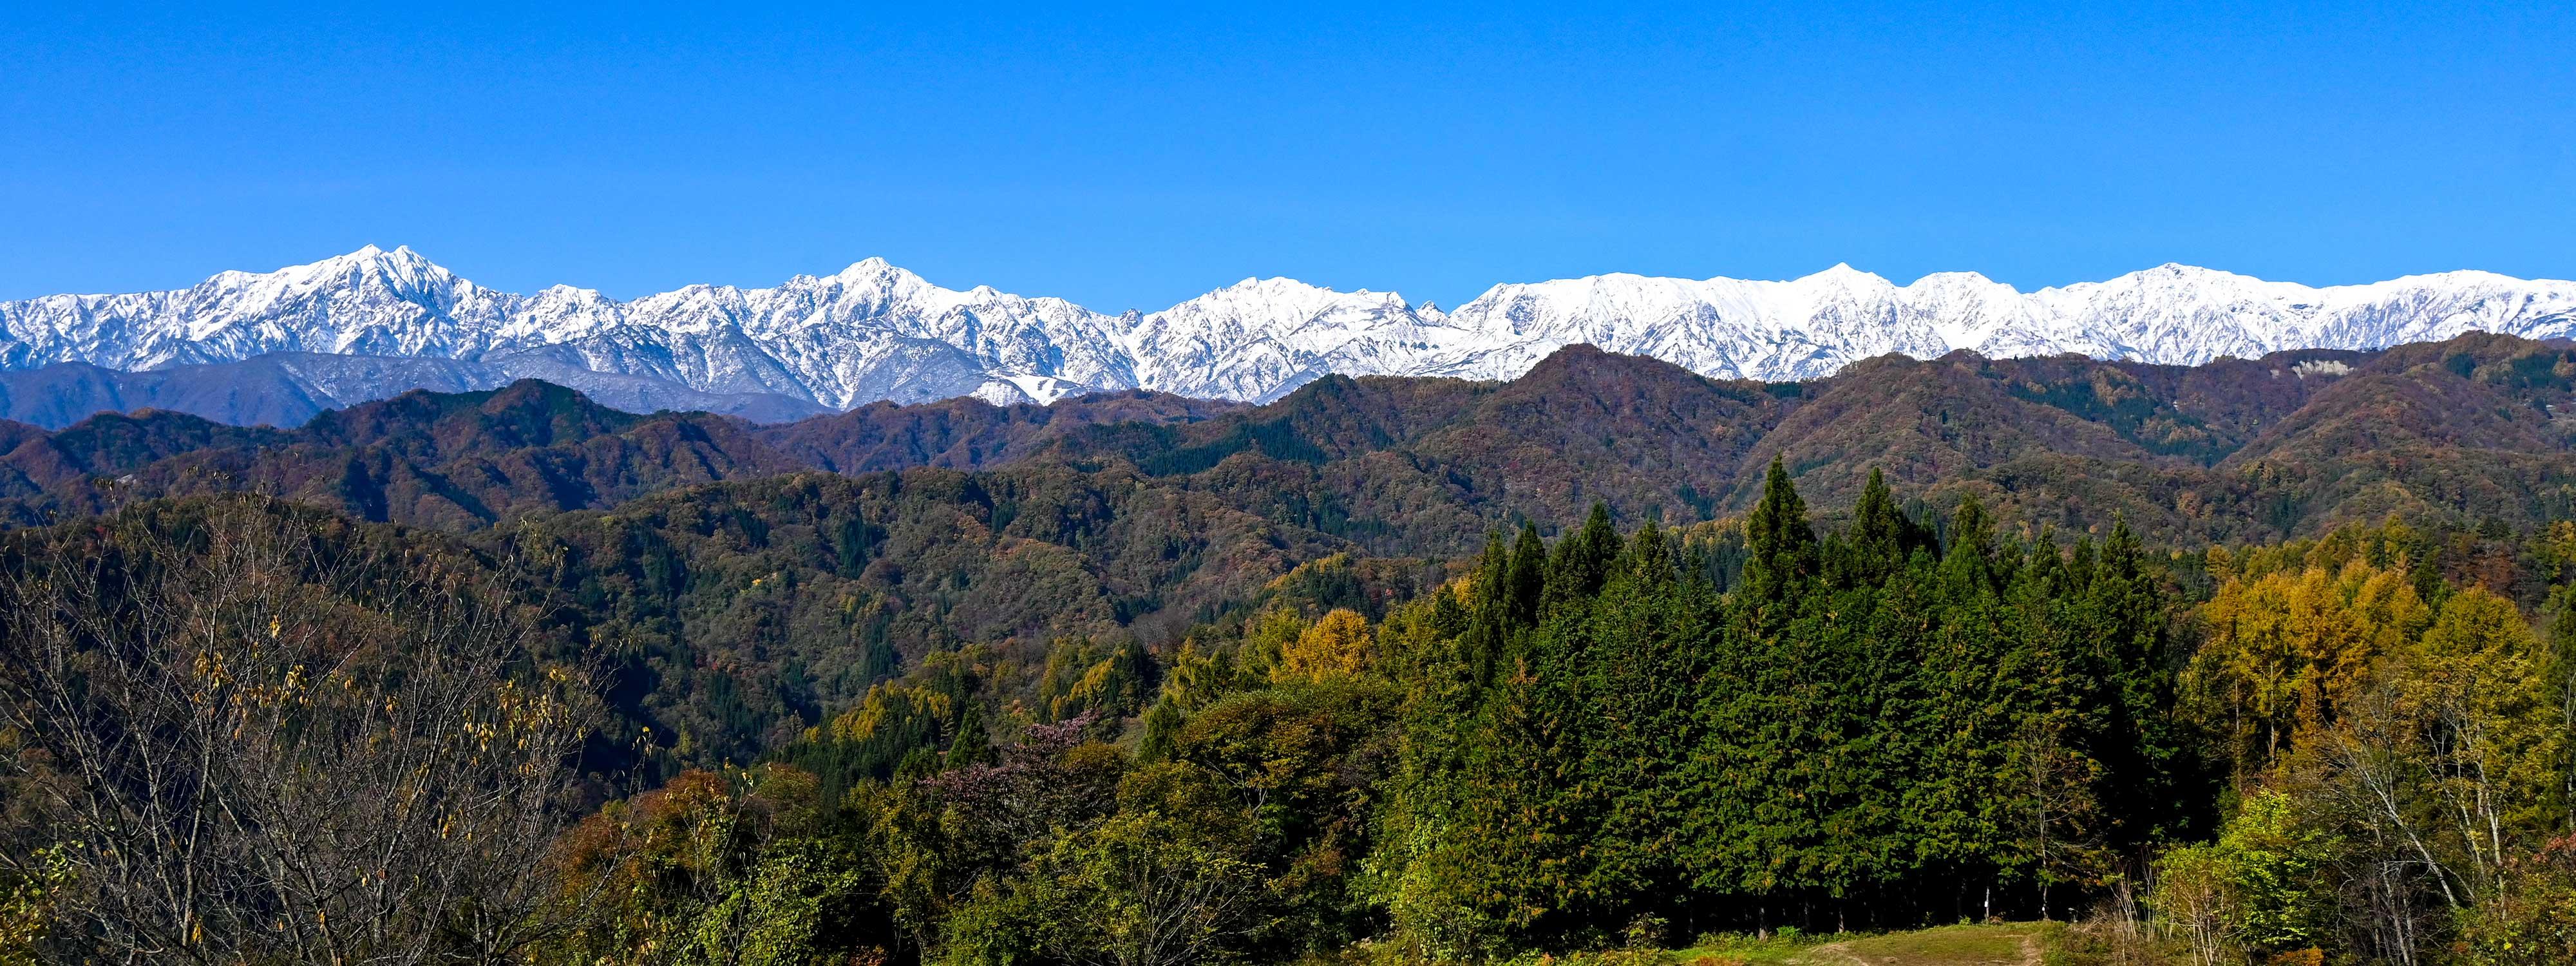 2020/11/5【小川村、北アルプス眺望】後立山連峰の圧倒的な拡がりに絶句。左から鹿島槍ヶ岳、五竜岳、唐松岳そして白馬三山と快晴のもとに揃い踏みです。